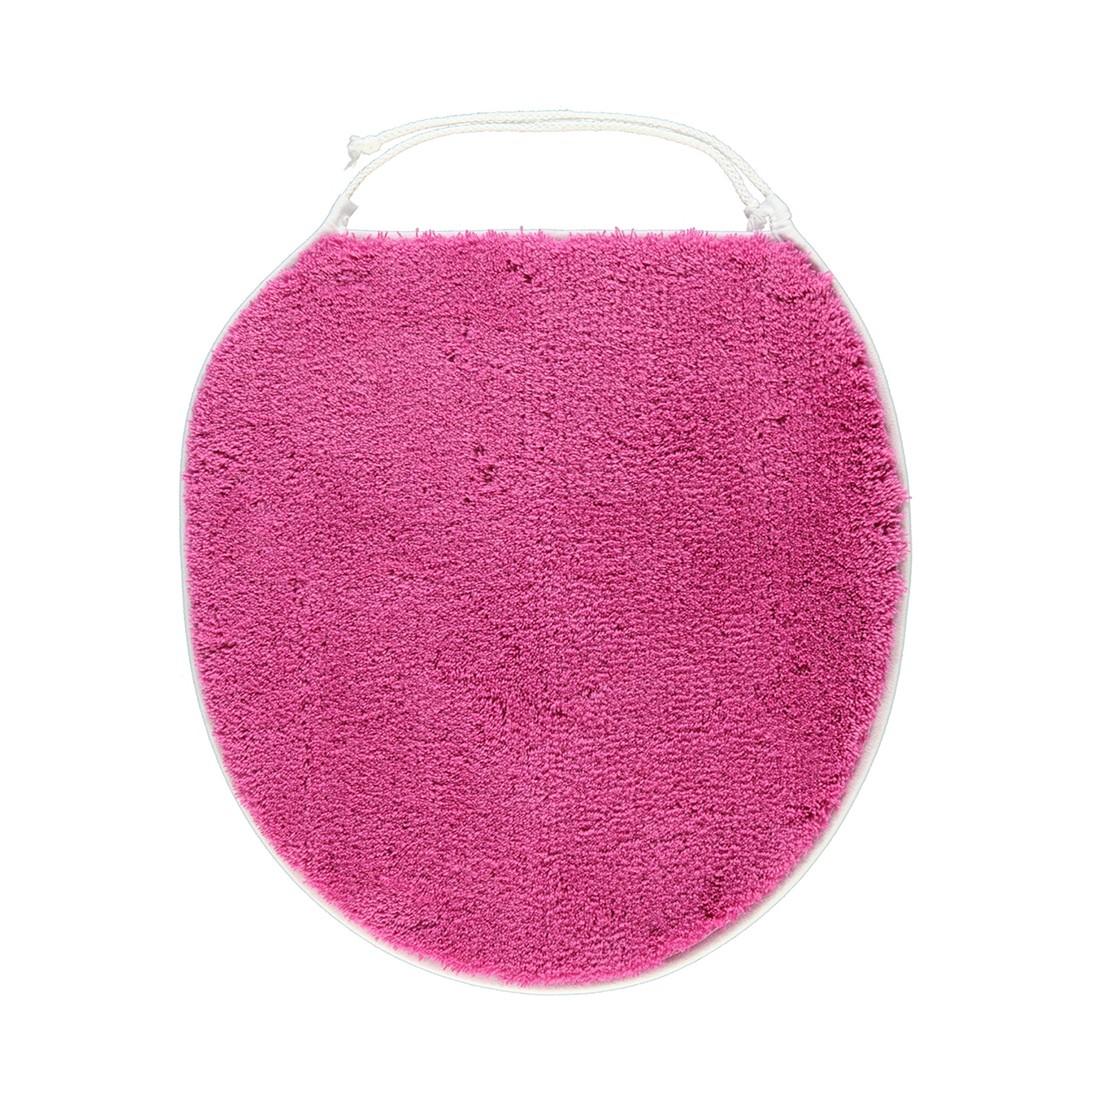 Deckelbezug Soft – 100% Polyacryl Cassis – 463, Kleine Wolke jetzt bestellen